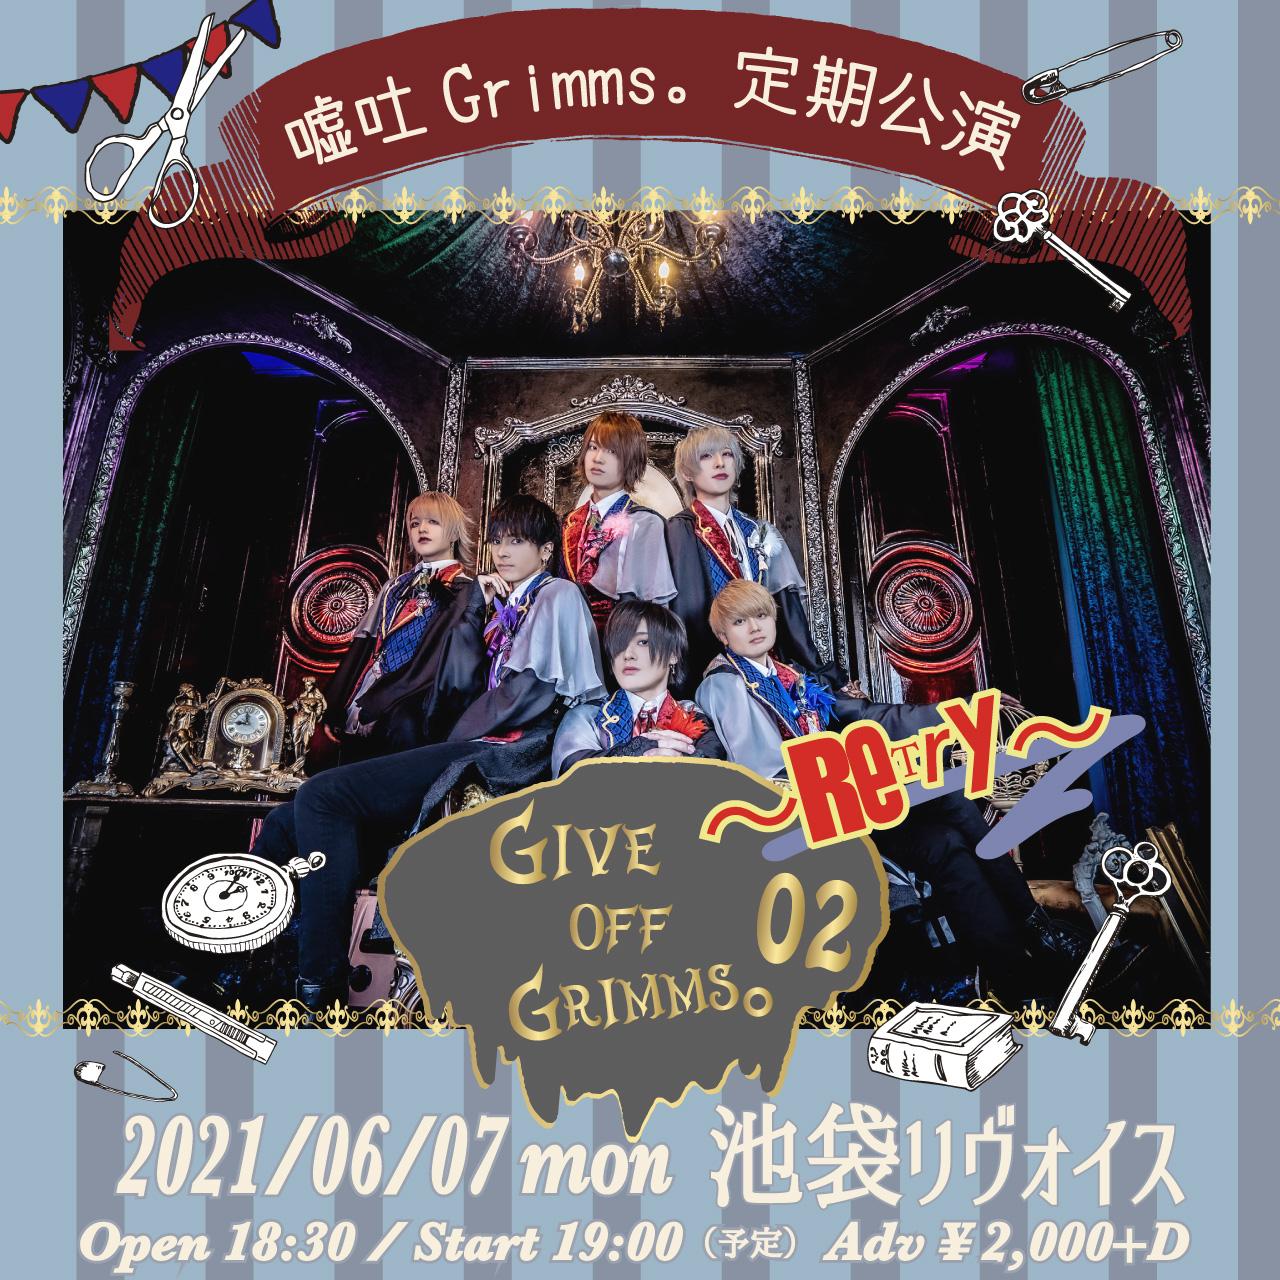 嘘吐Grimms。定期公演 『Give Off Grimms。02〜Retry〜』